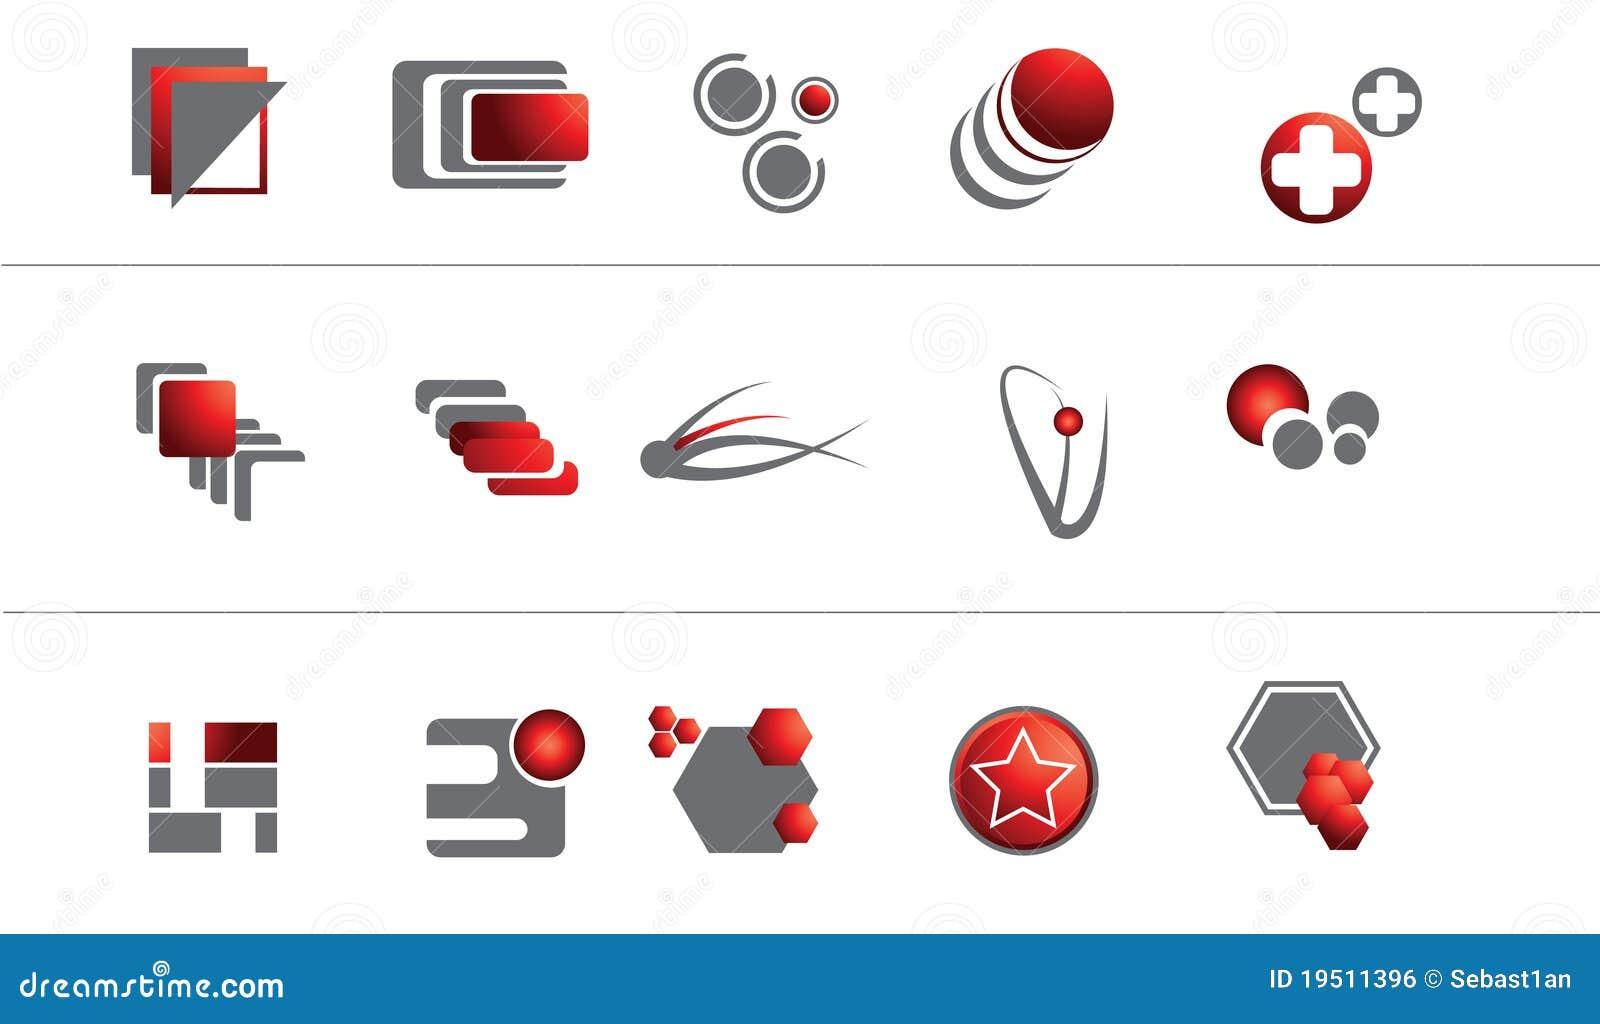 download Designing